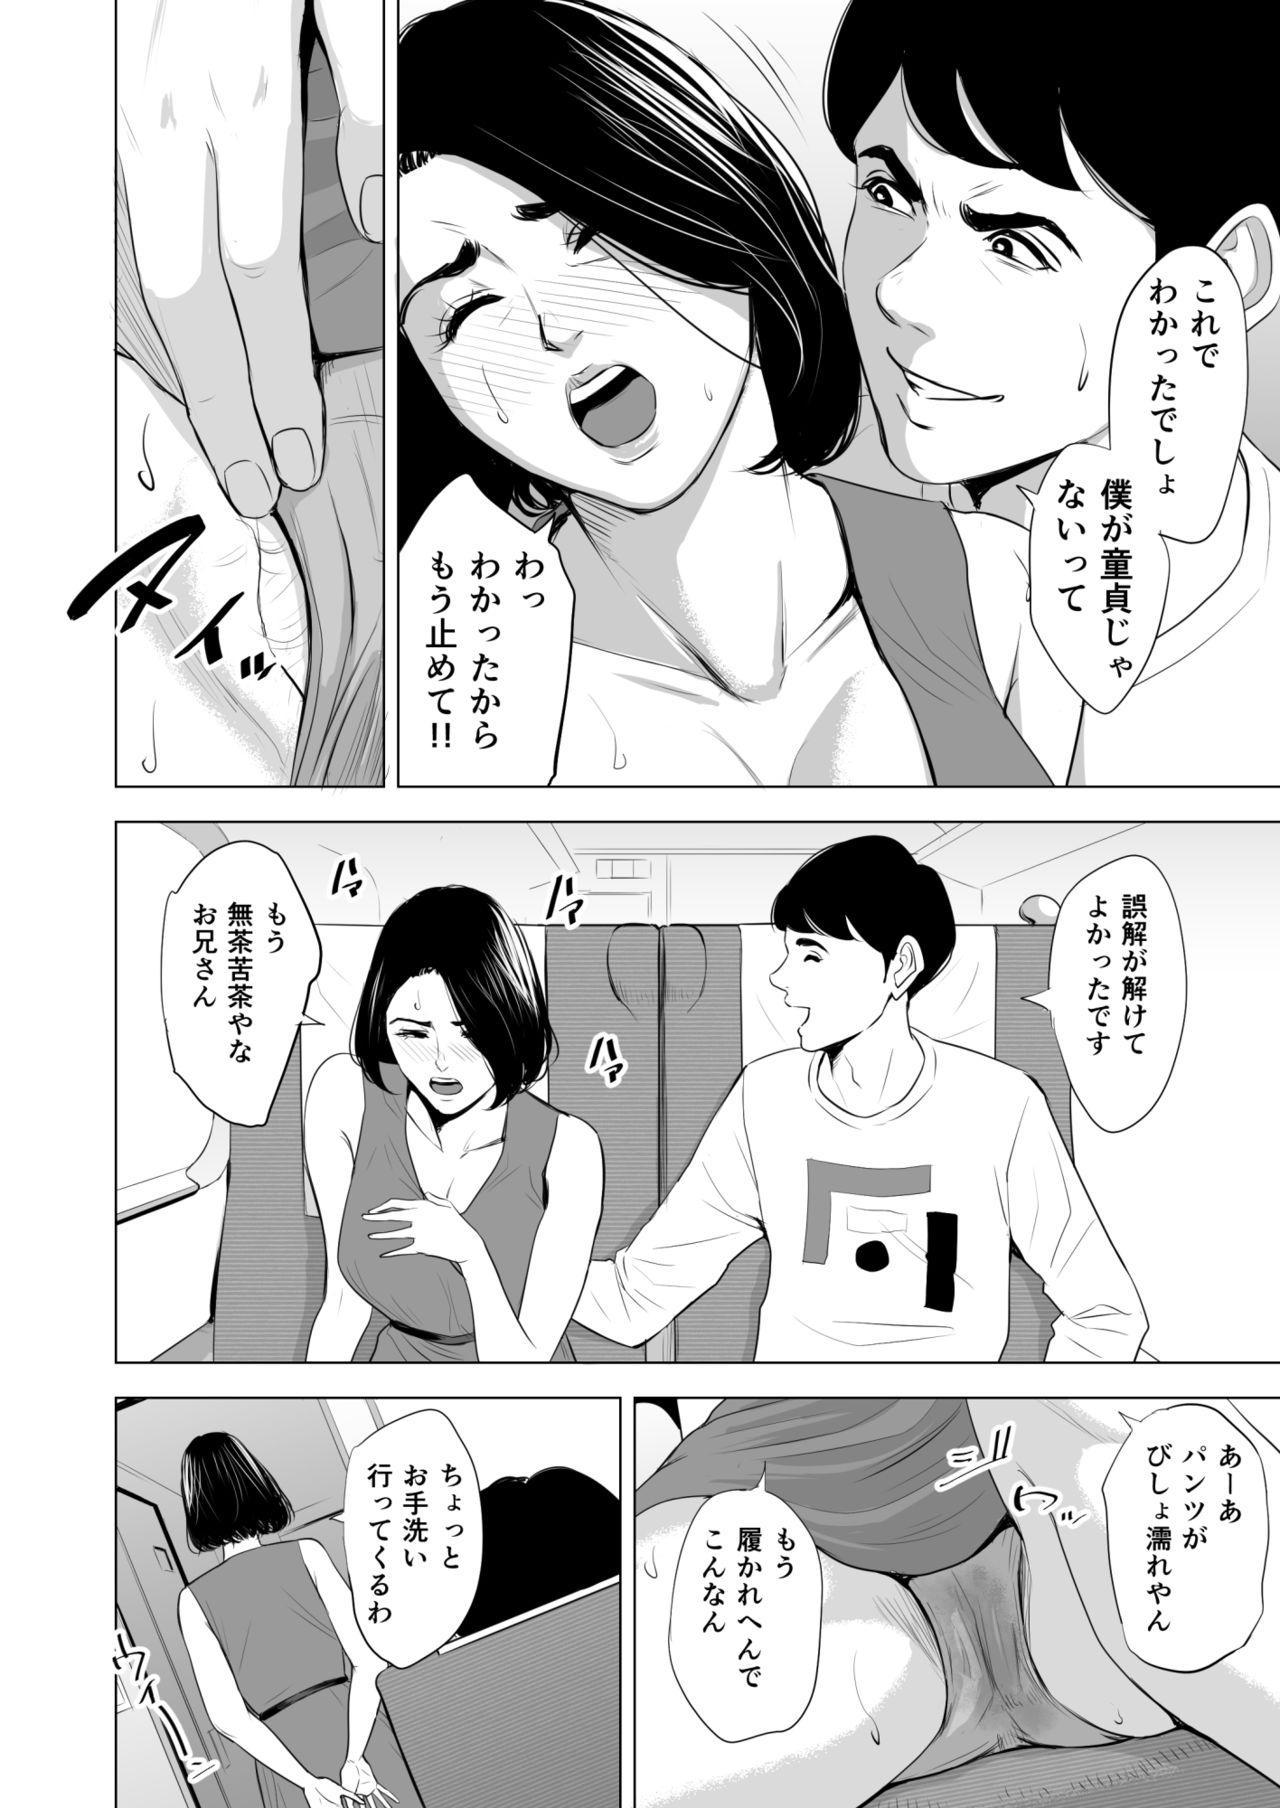 Shinkansen de Nani shiteru!? 27